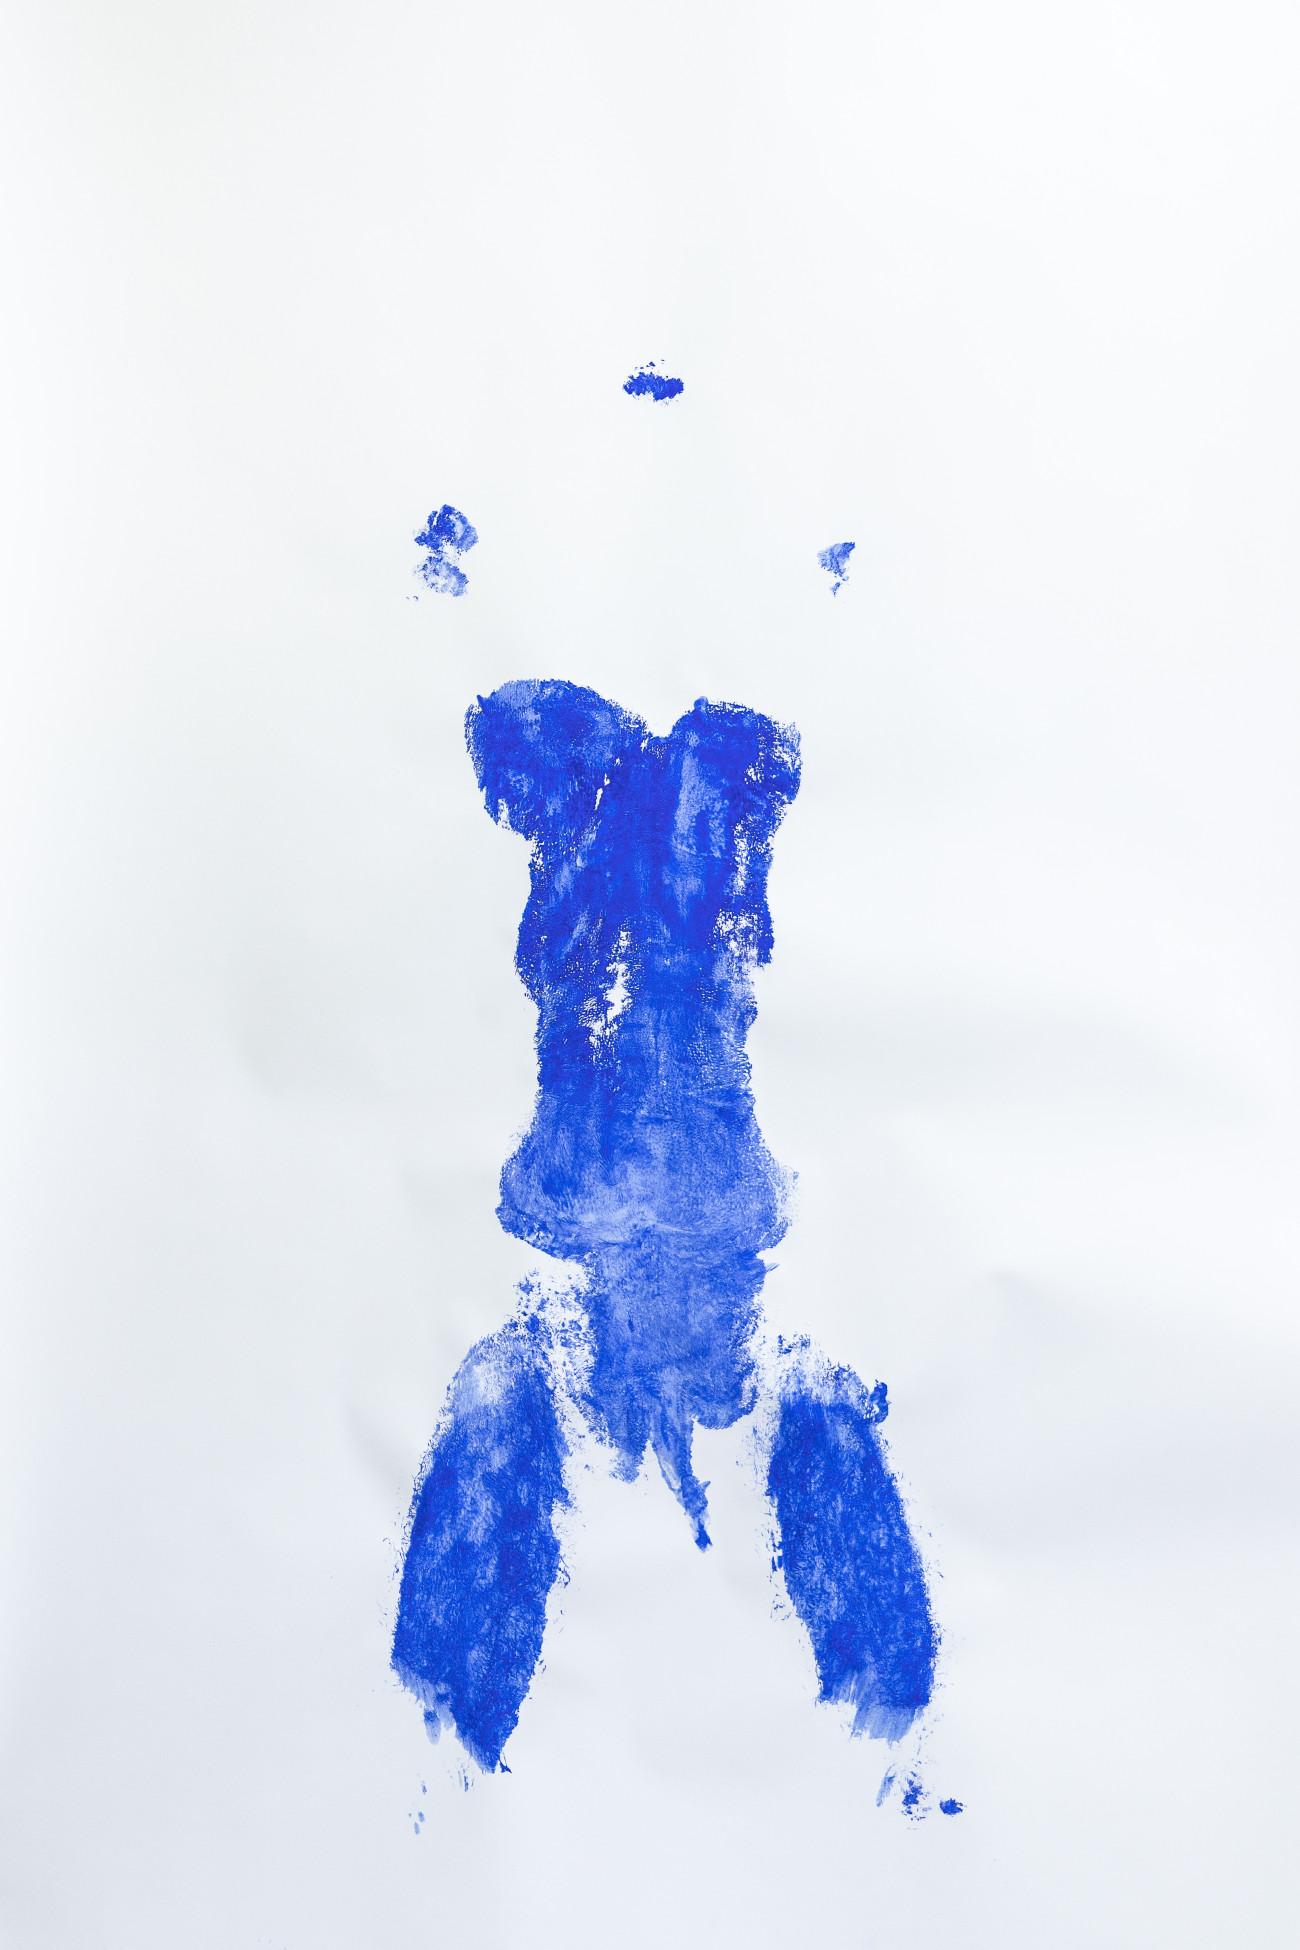 Steve Giasson. Performance invisible n° 222 (Manquer de présence). D'après Yves Klein. Anthropométrie sans titre. 1960. D'après Rachel Lachowicz. Red not Blue. 1992. Performeur : Steve Giasson. Crédit photographique: Martin Vinette. Retouches photographiques : Daniel Roy. 19 février 2021.